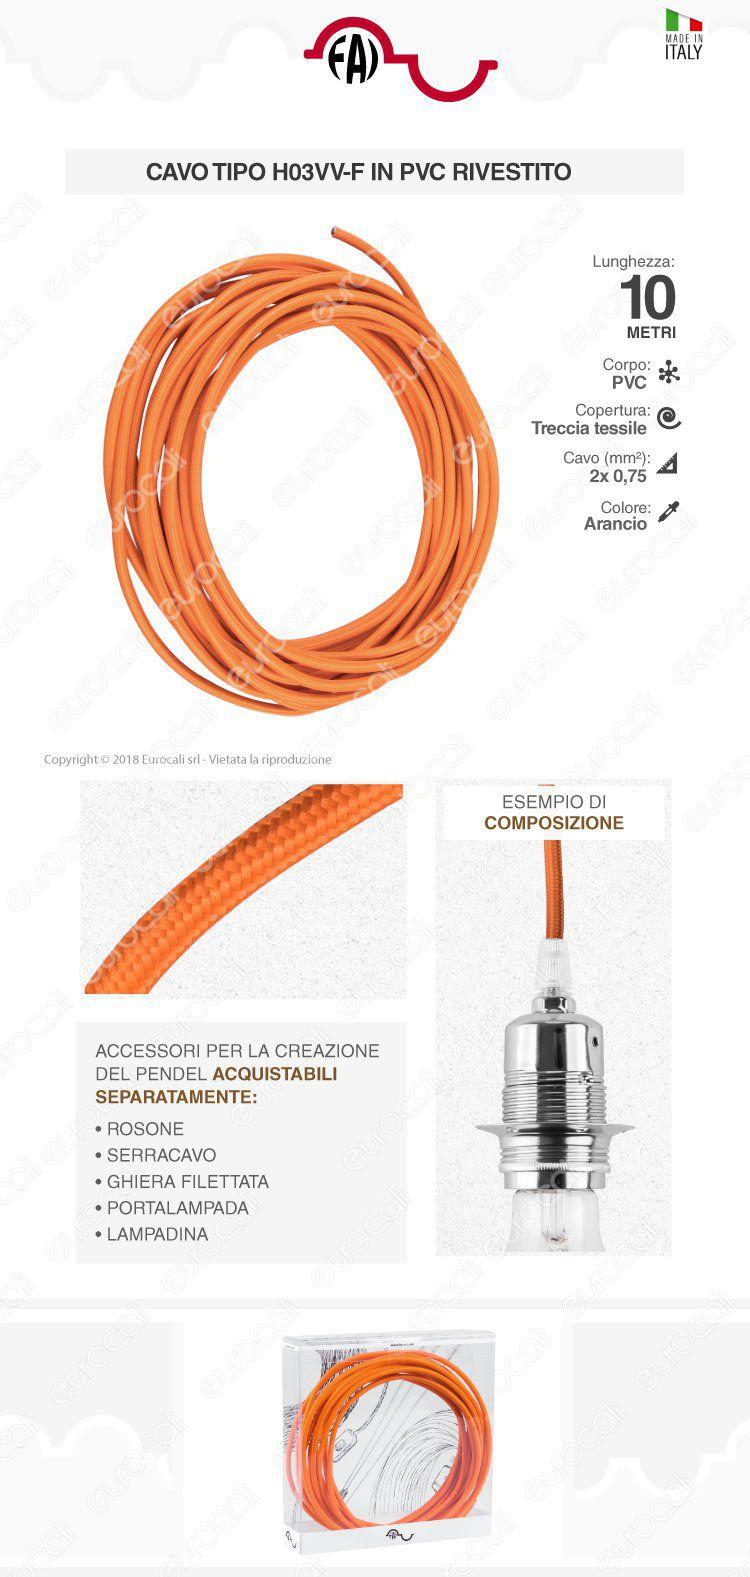 cavo elettrico corda FAI arancione